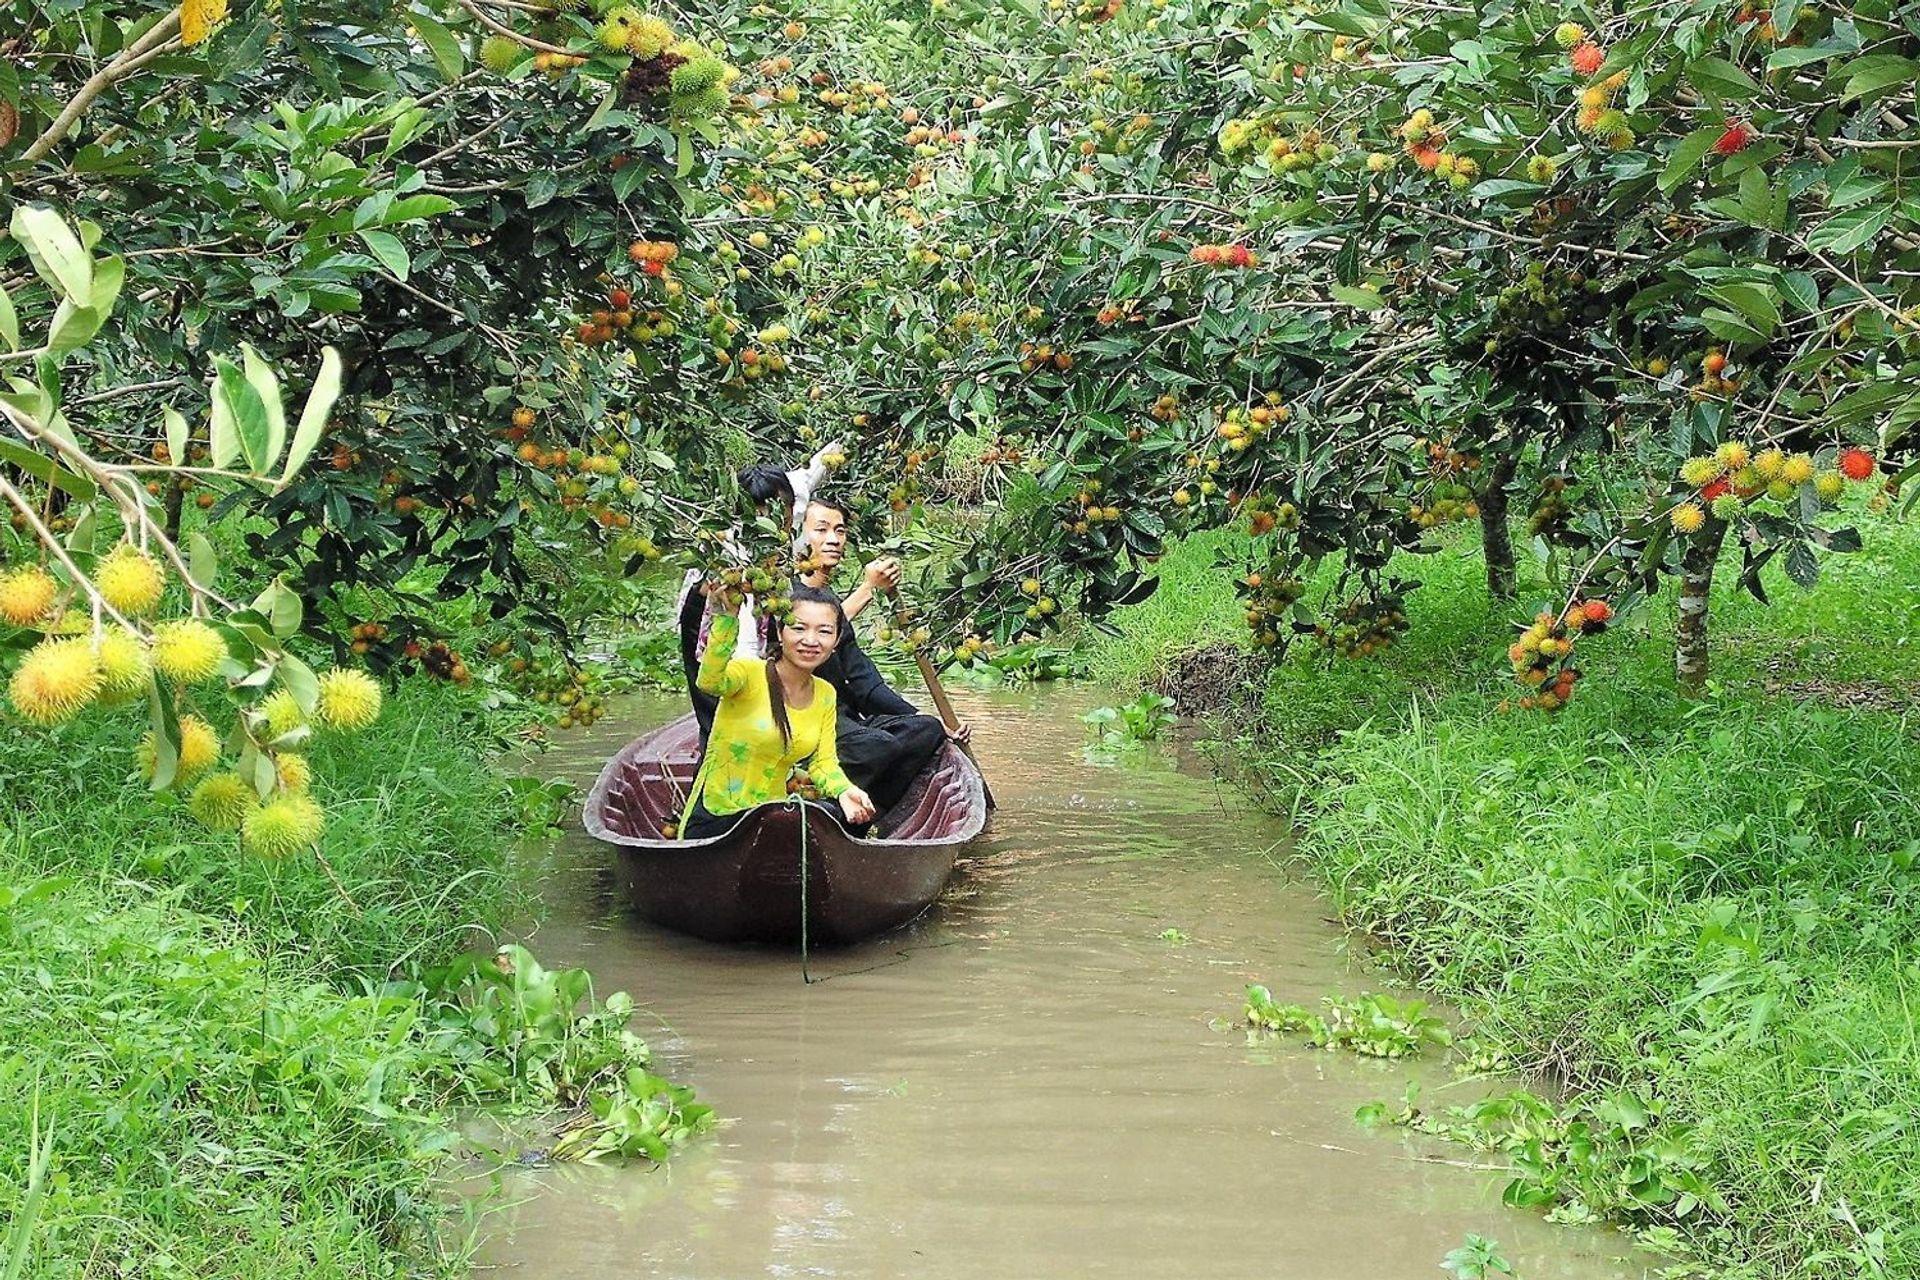 Mùa hè (khoảng tháng 6, 7, 8) ở Cần Thơ là mùa trái cây chín